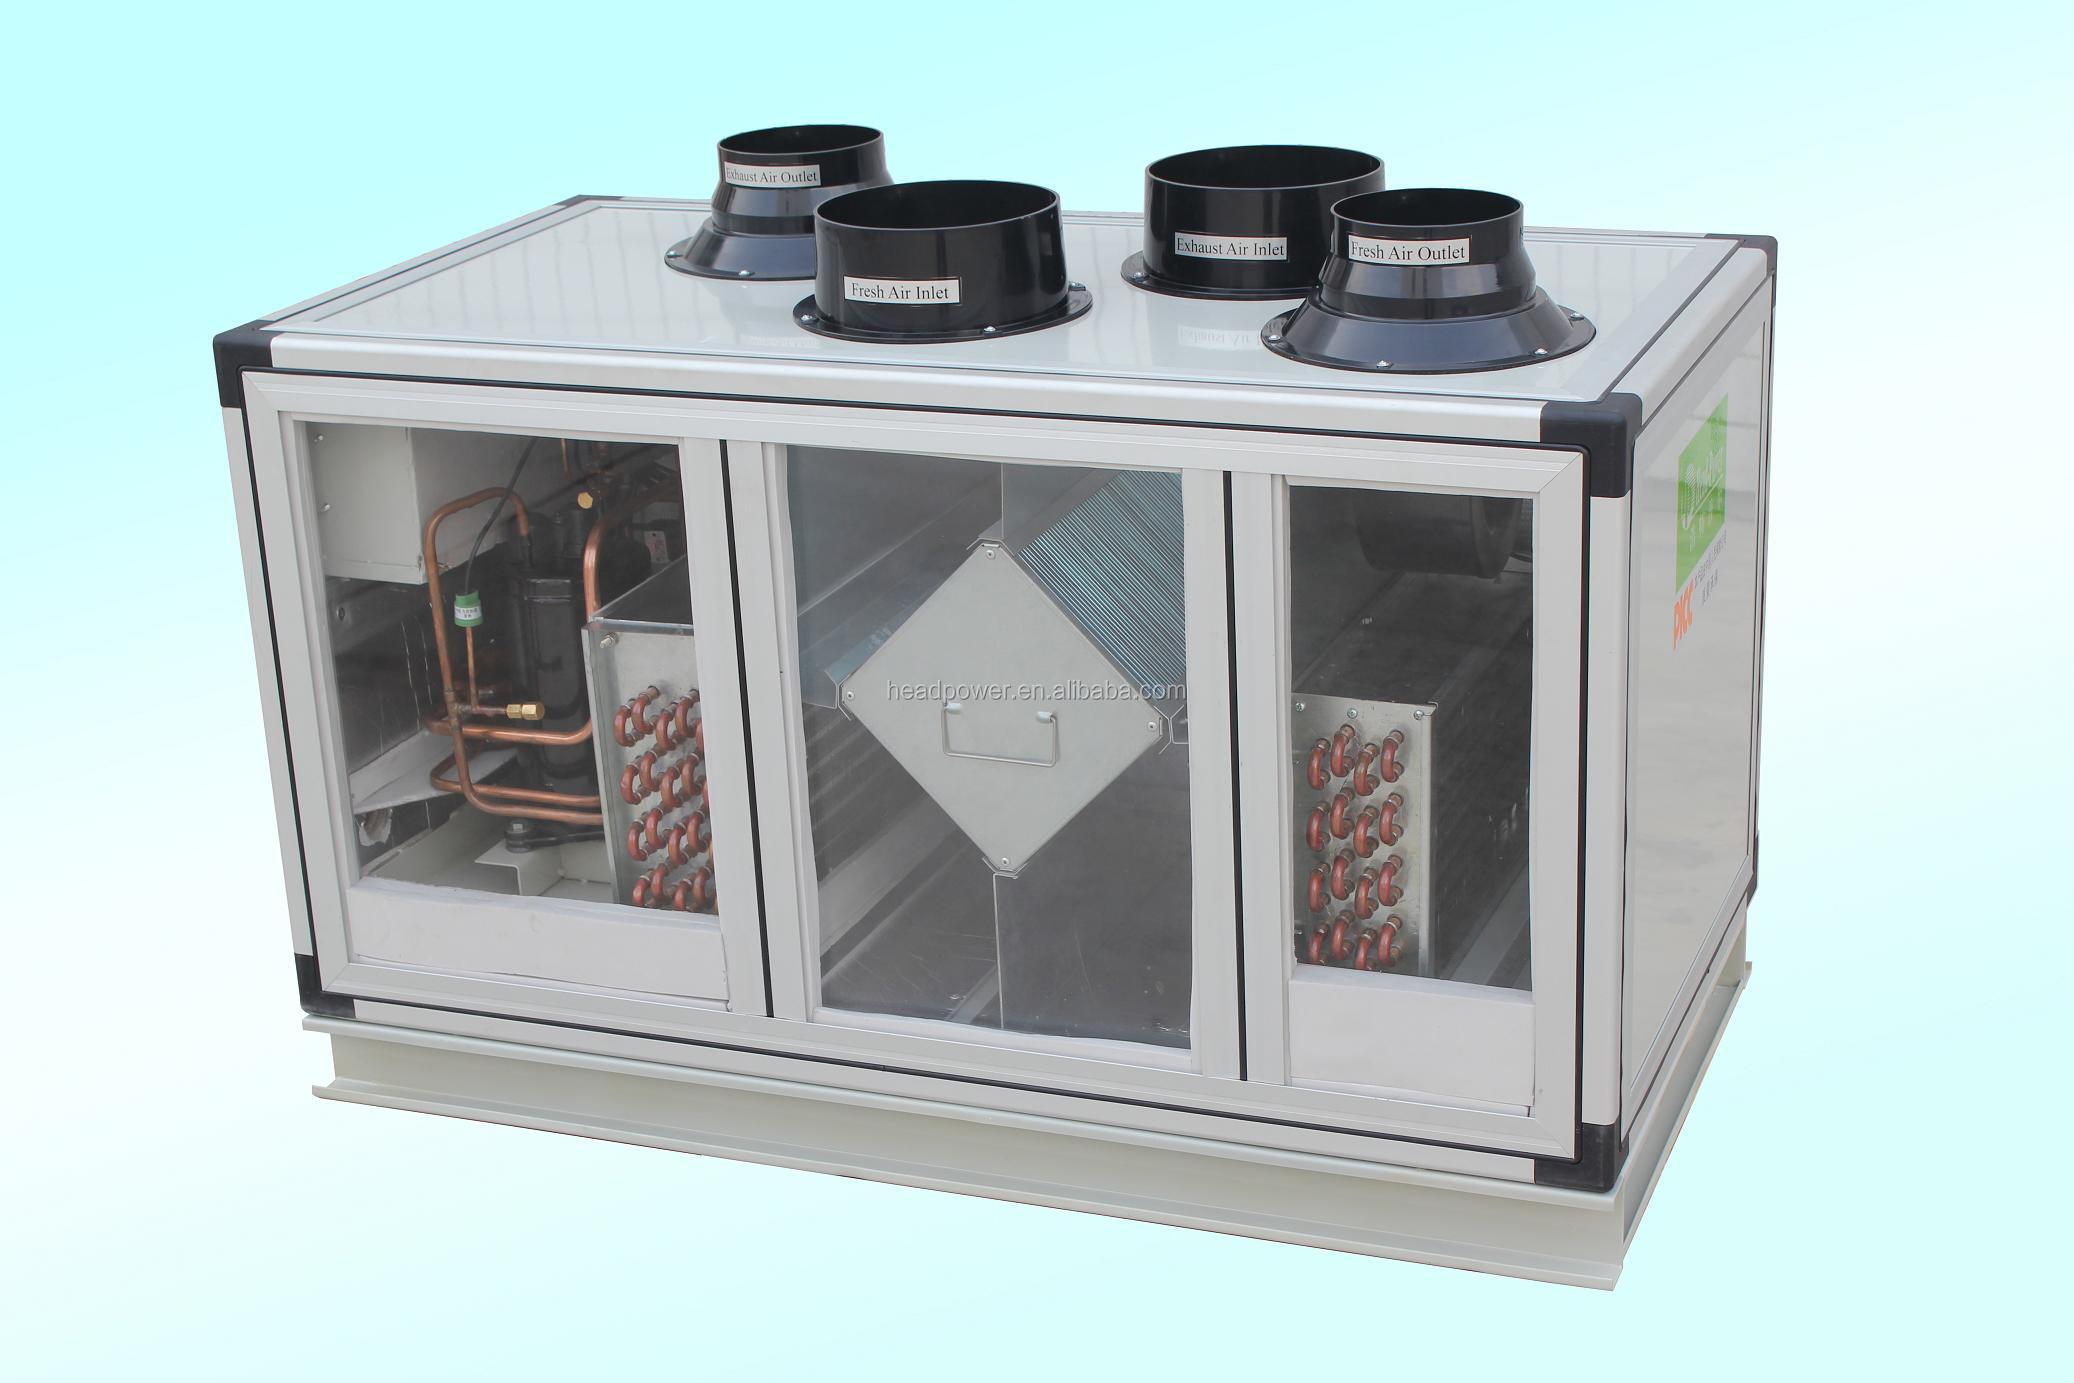 Hvac System Heat Exchanger Buy Heat Pump Heat Exchanger Heat Recovey  #428989